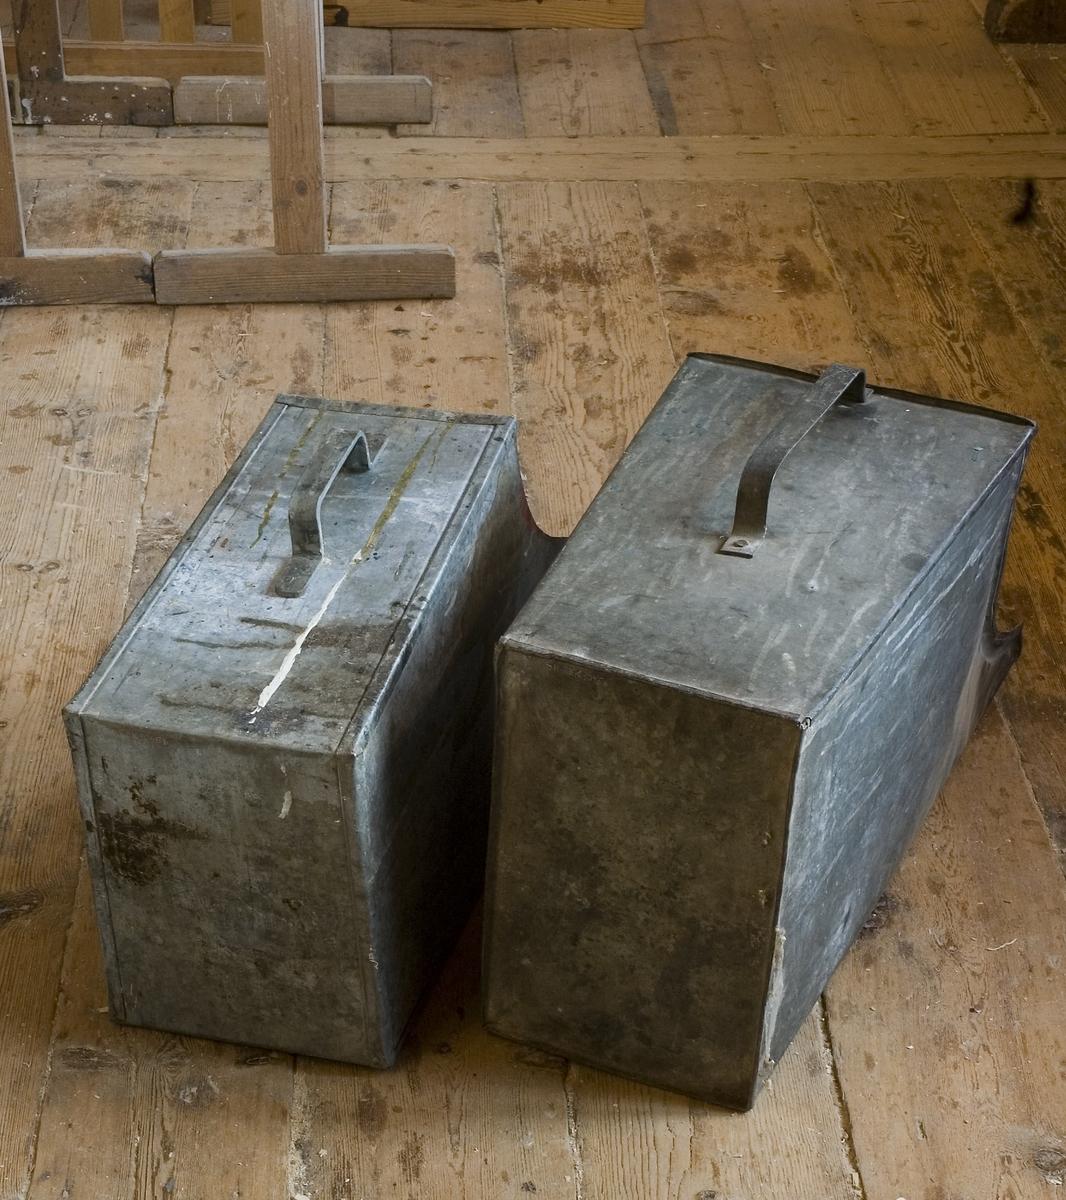 Spillåda av zinkad plåt för förvaring och bärning av spillvirke på snickeri. Låda a:s framkant är 730 mm hög och högre än bakkanten som är 480 mm. Den bakre sidan har ett fastnitat handtag som används för att bära och tippa ut spillvirke i fyren på limhällen. Kanterna på lådans sidor går ej i rät linje utan är böjda. Bredd: 300, längd 350 mm. Spillåda b är 700 mm hög i framkant och 460 mm hög i bakkanten.  Funktion: Uppsamling och transport av spillvirke